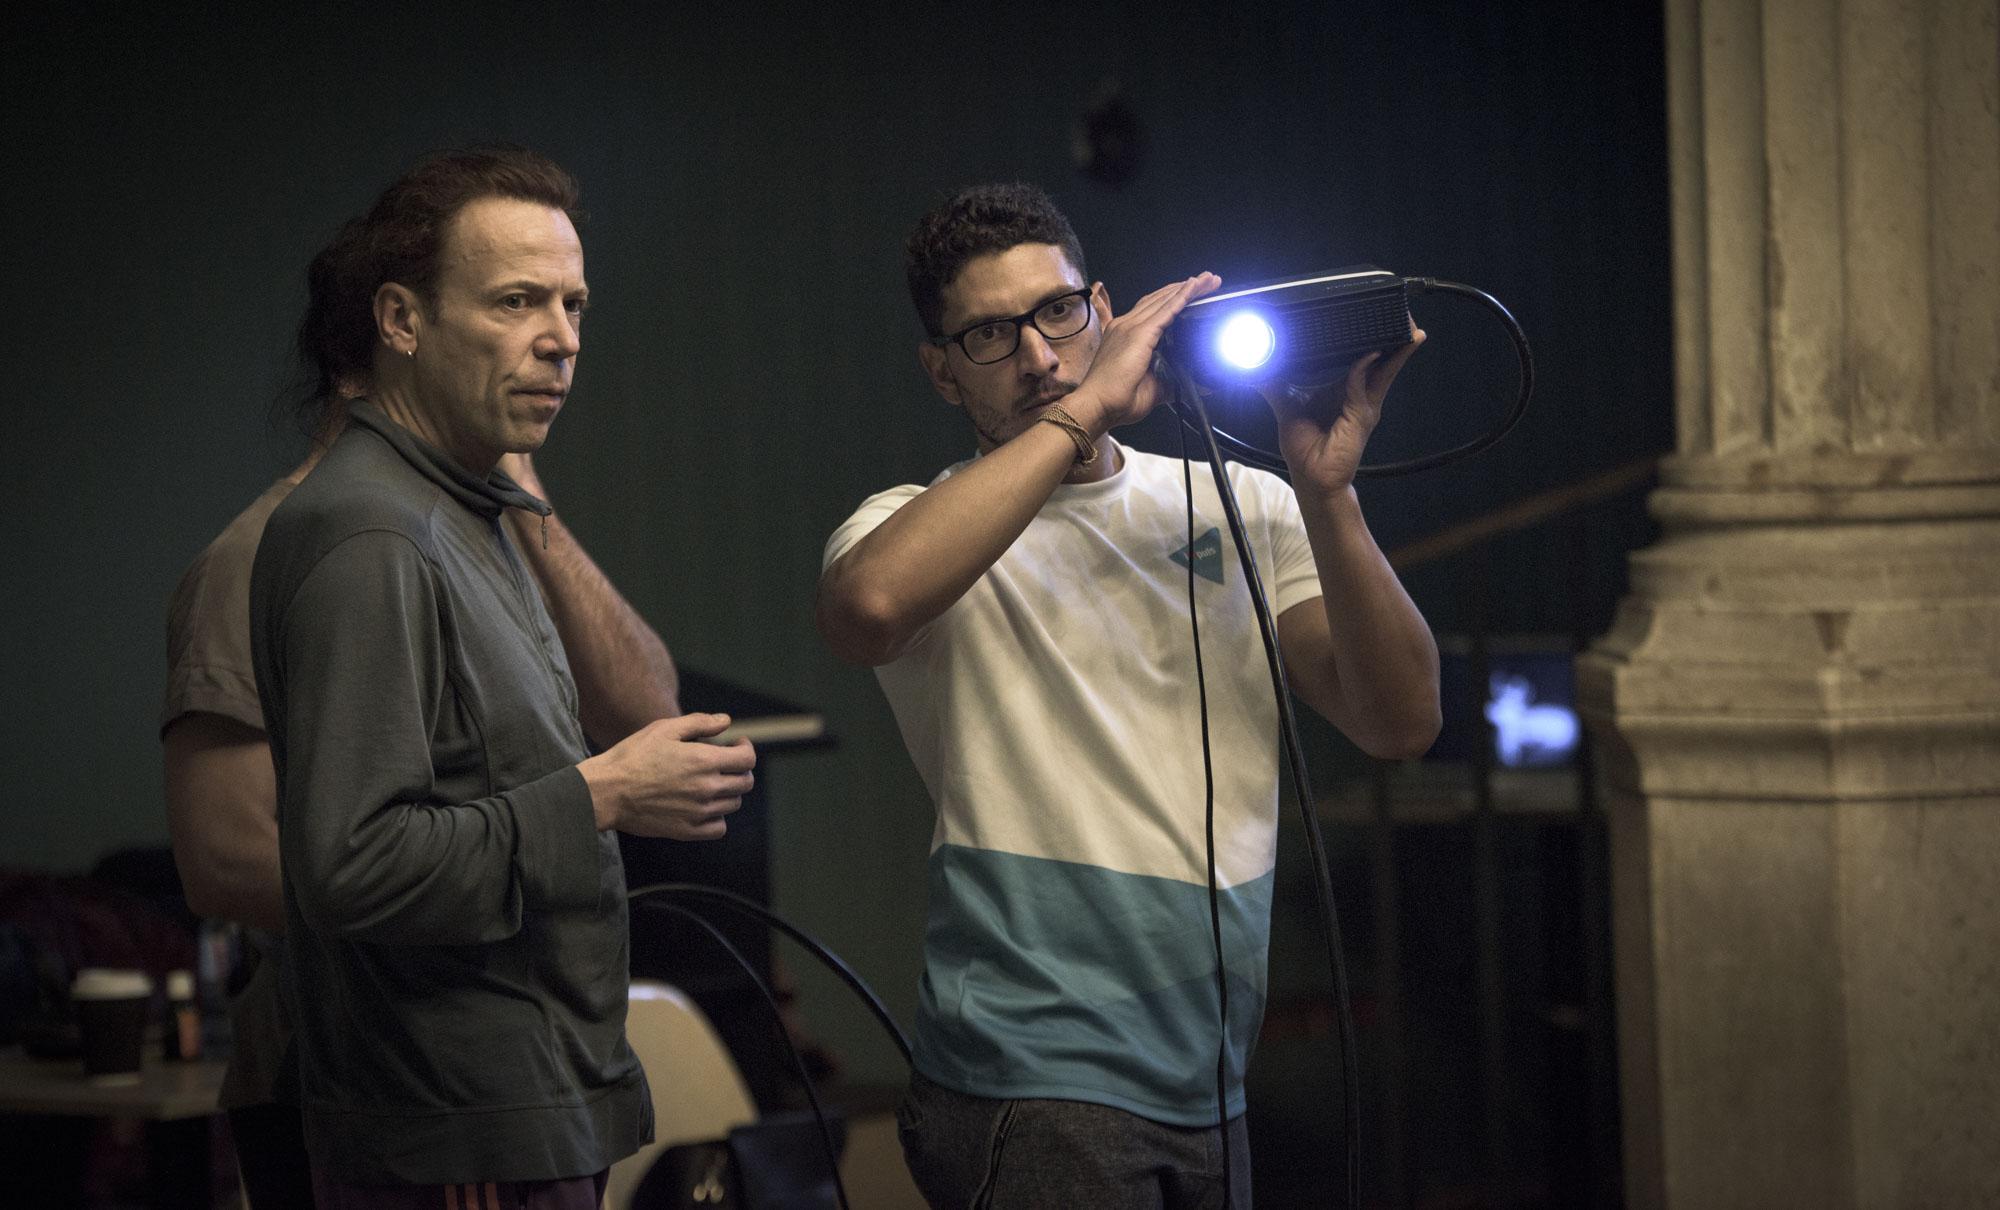 Etienne Frey & Bruno Serravalle 1 ©Frederic Garcia.jpg